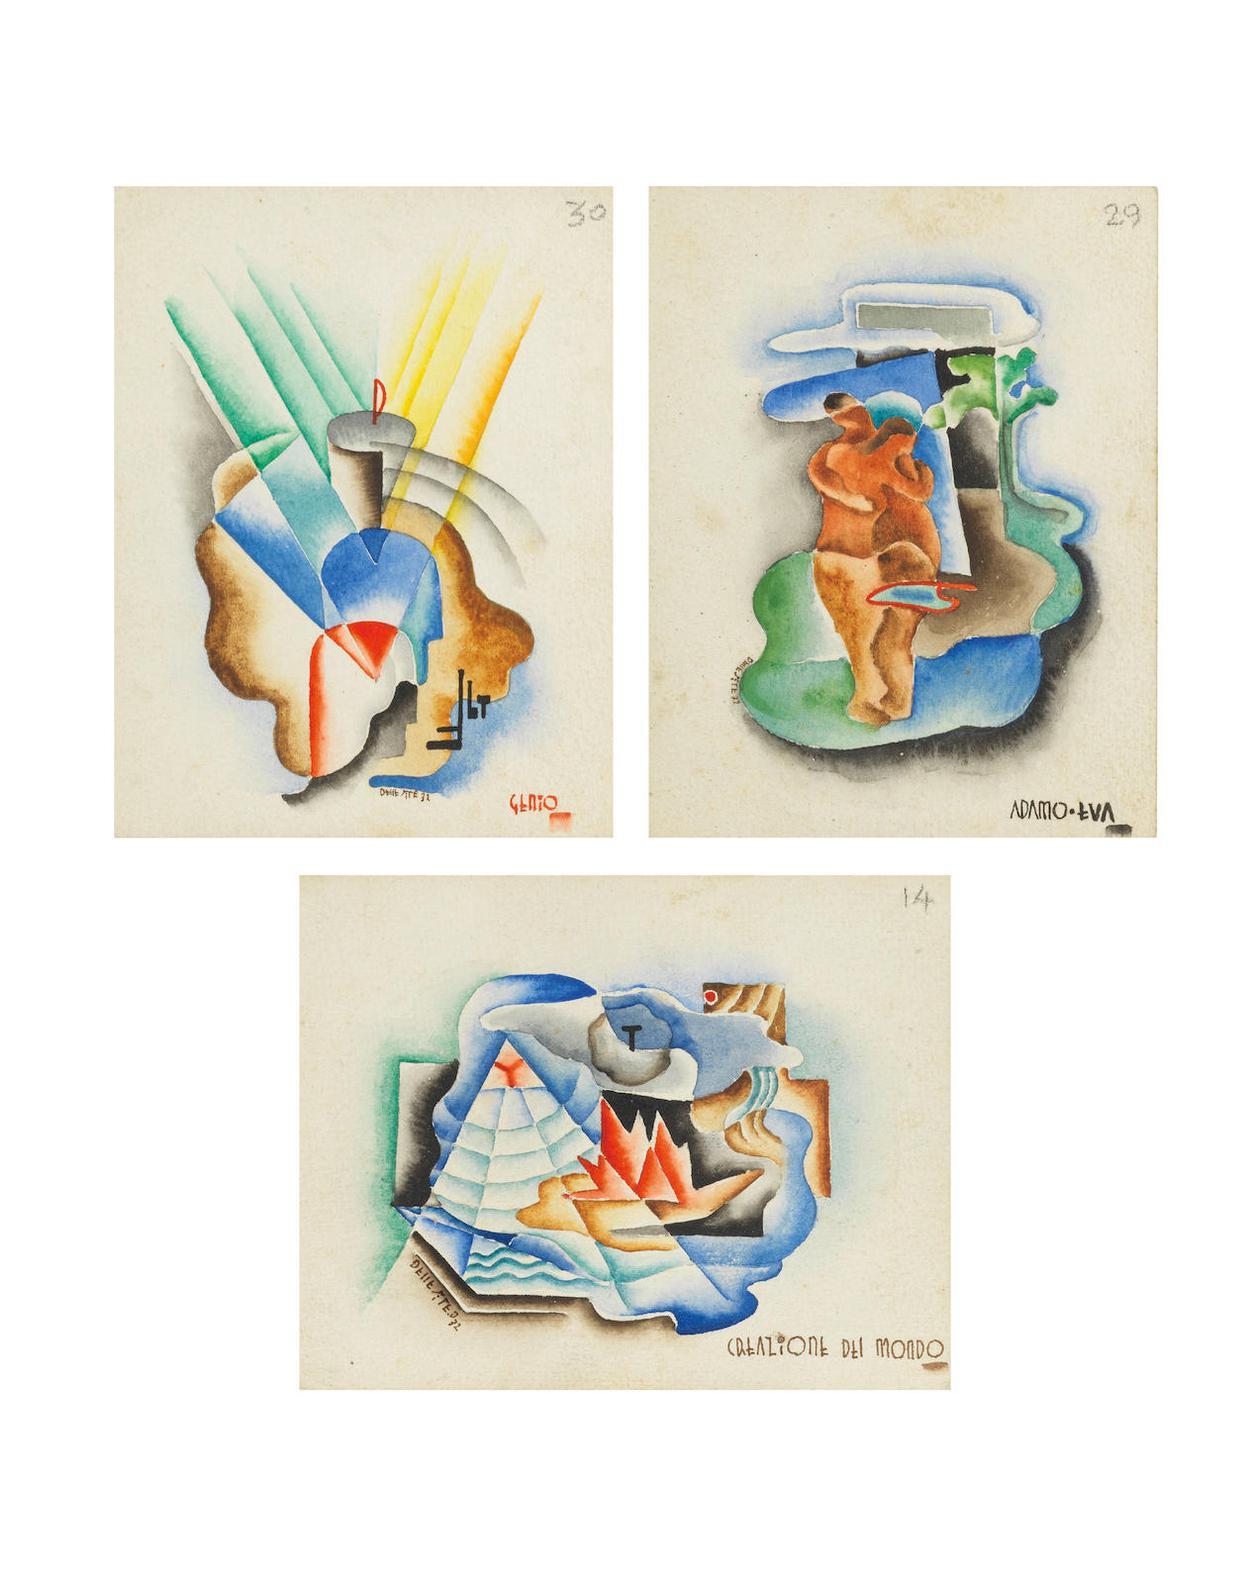 Mino delle Site-a) Creazione Del Mondo; b) Adamo-Eva; c) Genio-1932